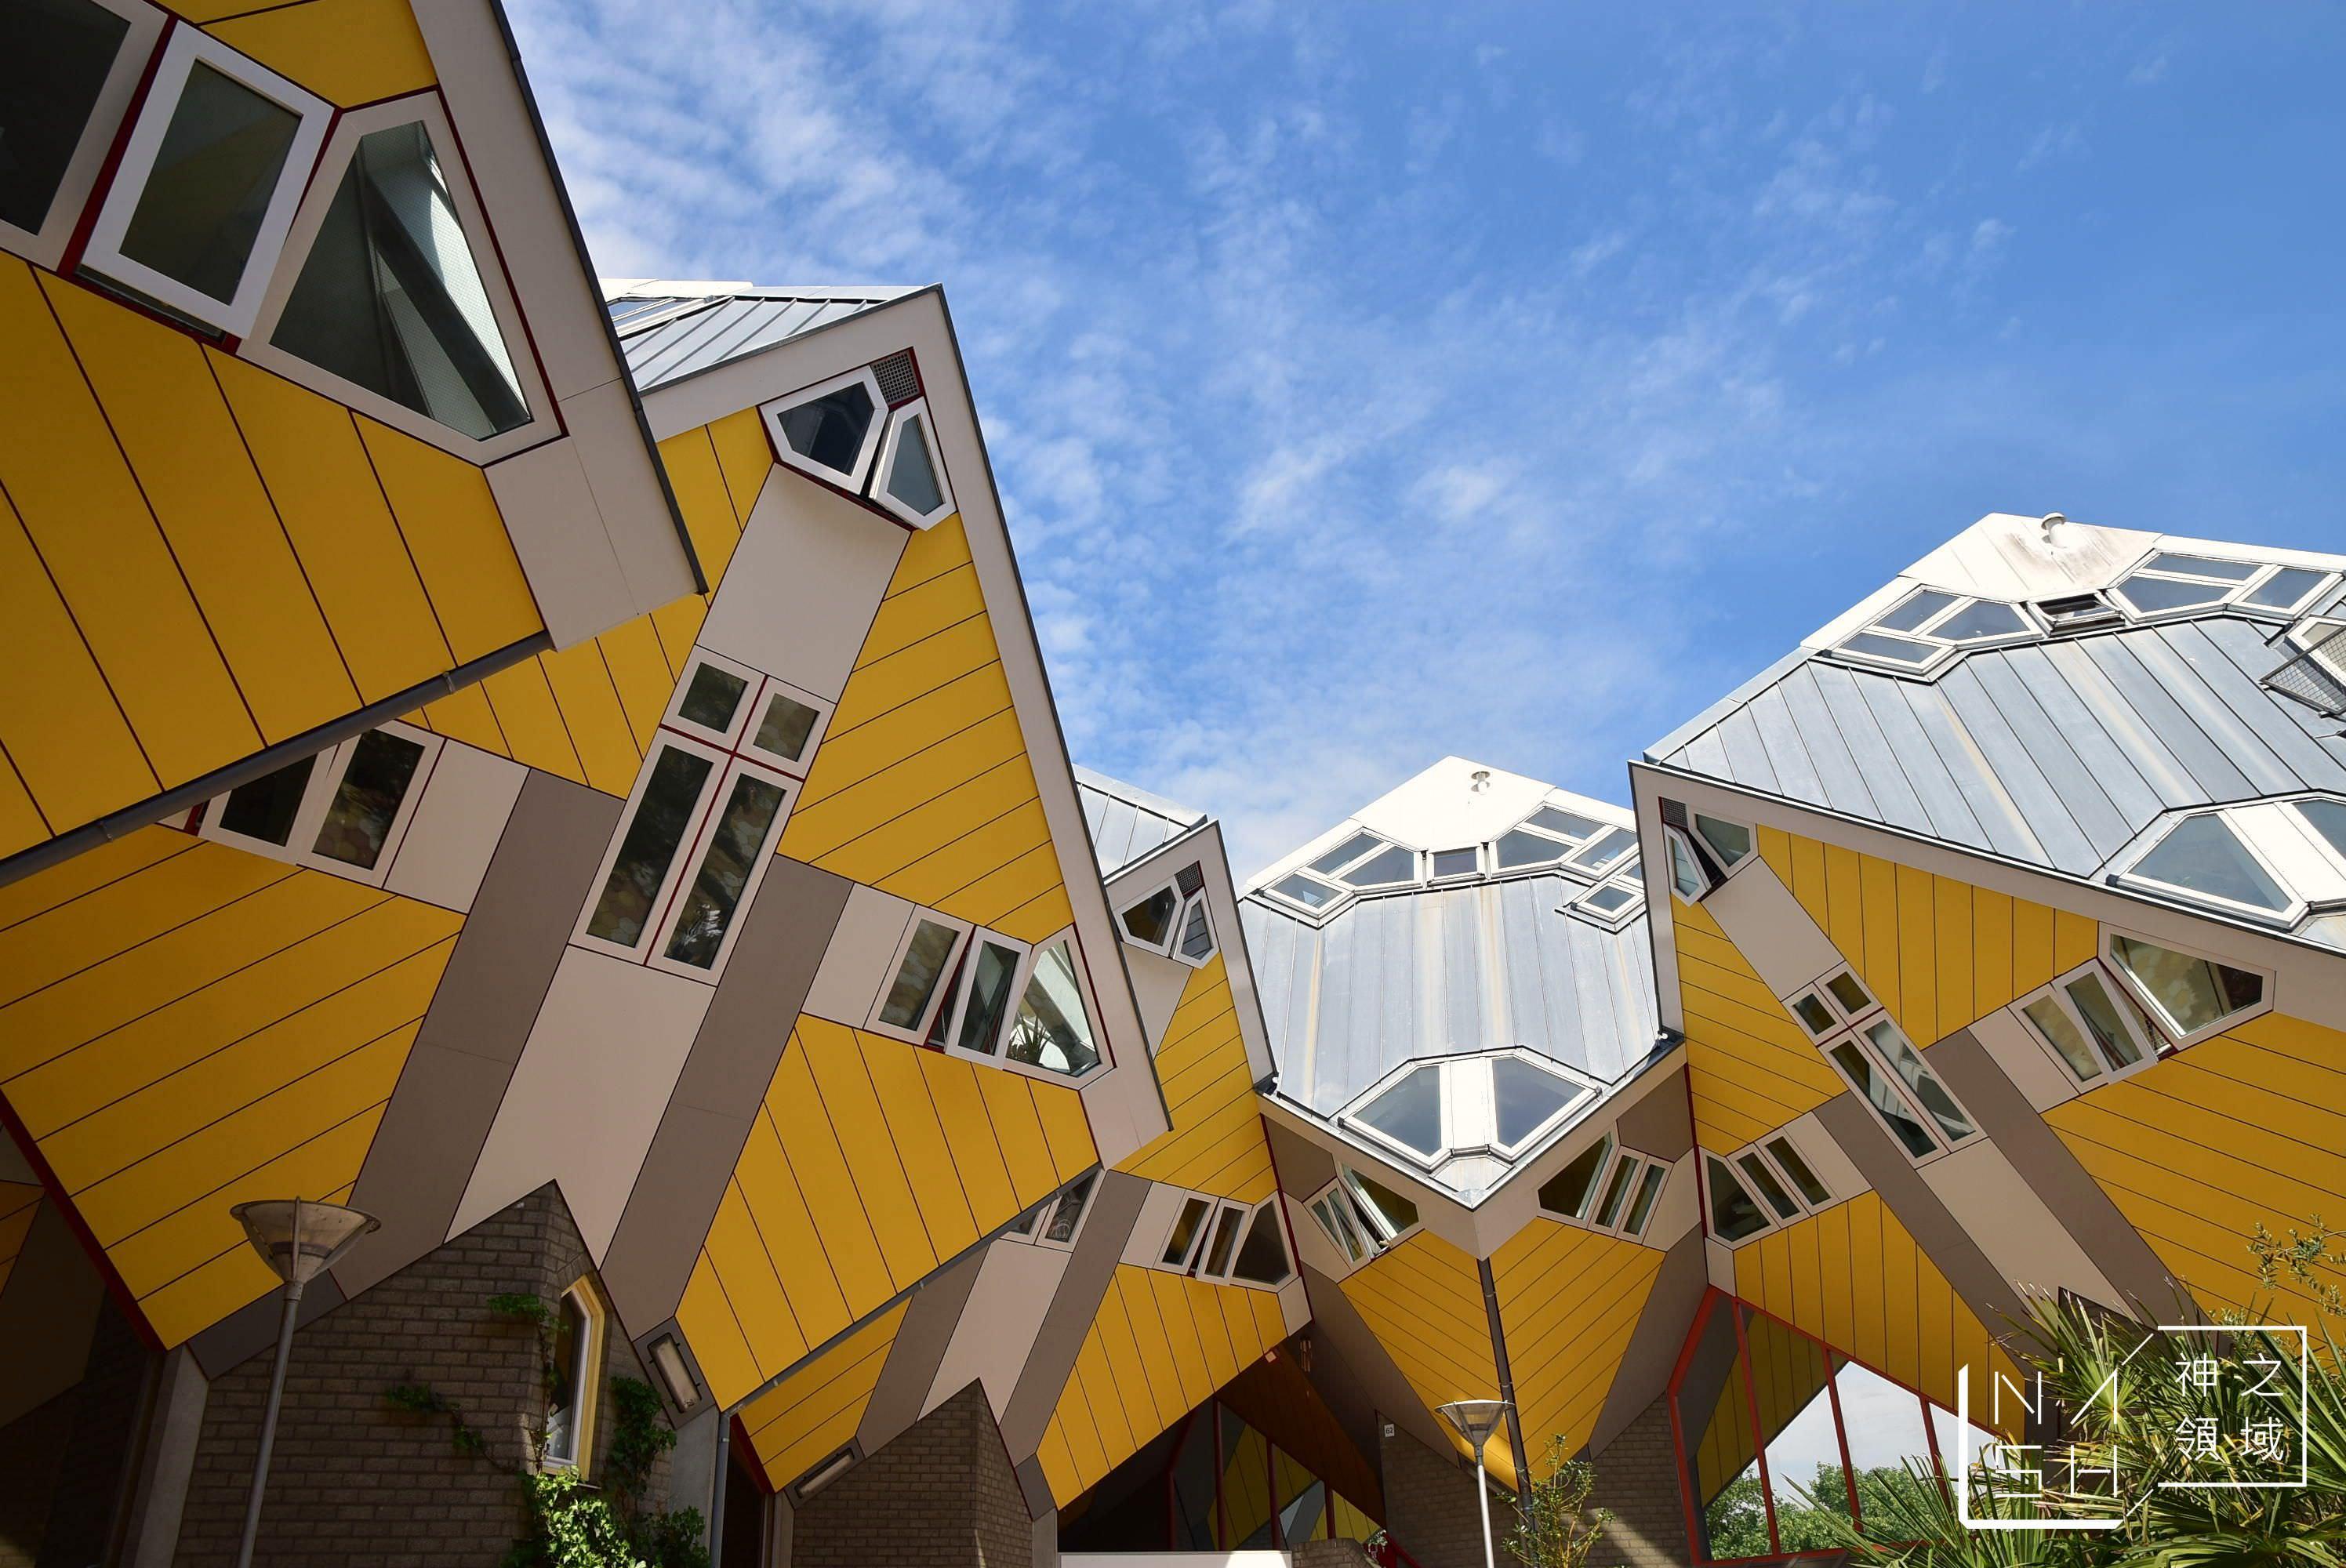 鹿特丹市集,鹿特丹方塊屋,鹿特丹景點,鹿特丹交通 @Nash,神之領域